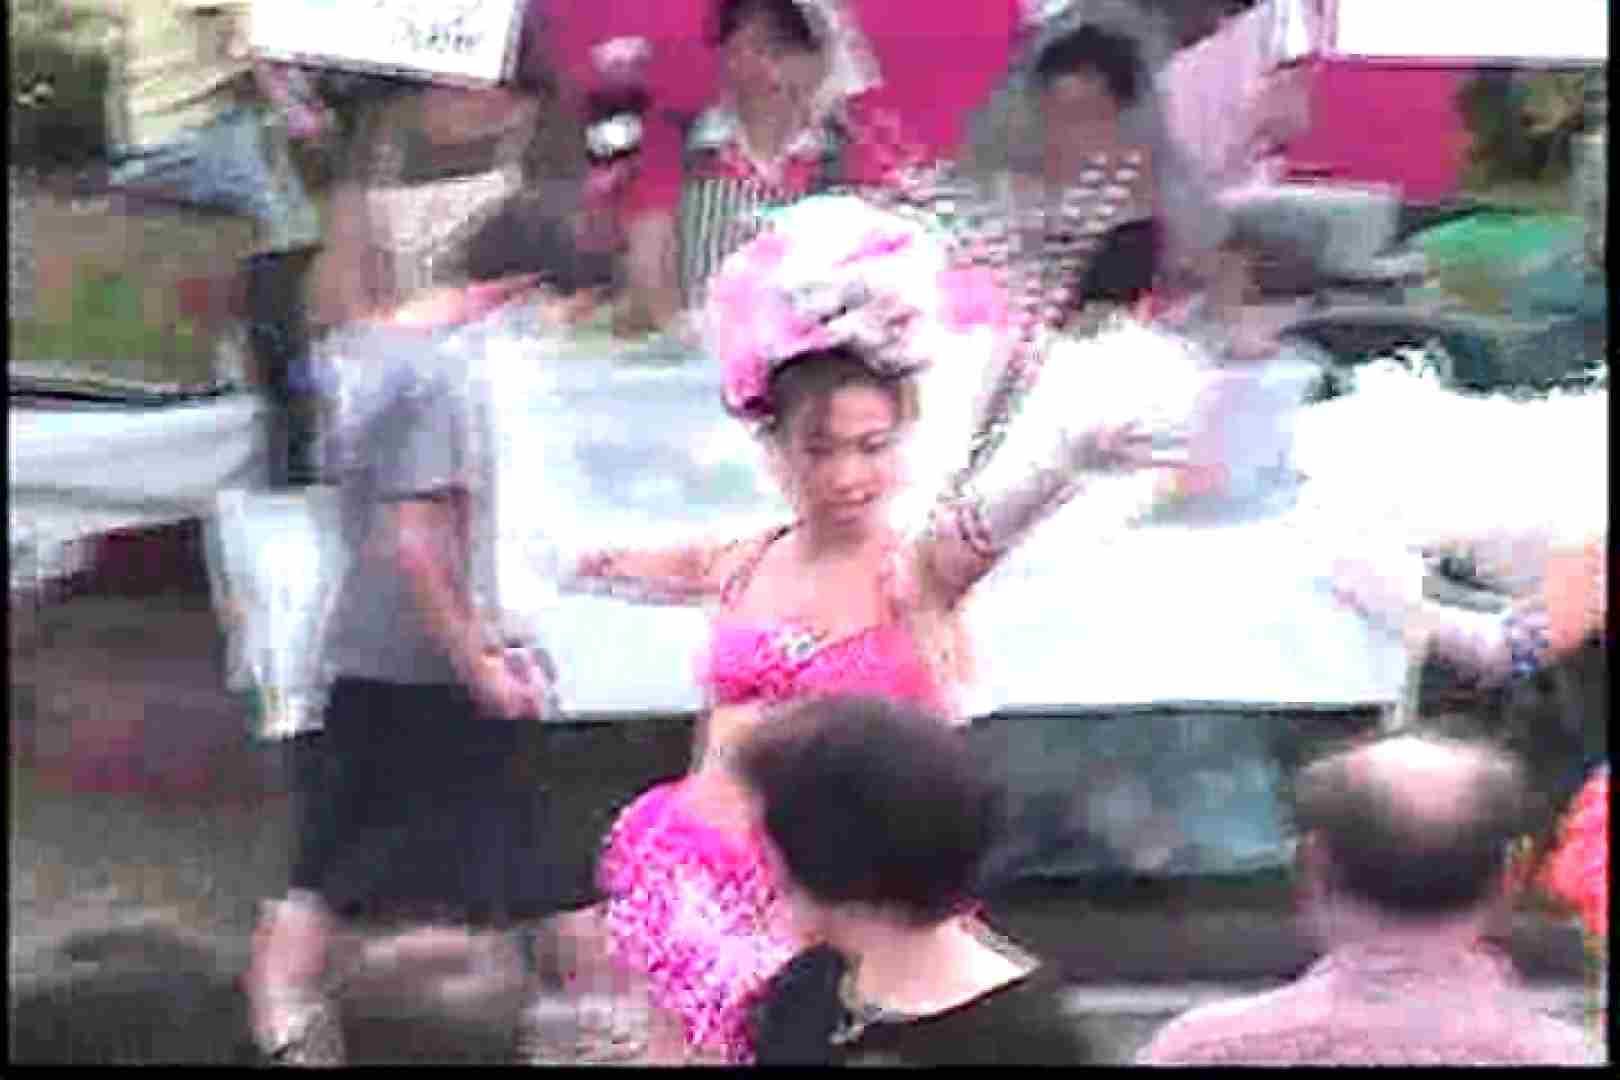 狂乱のサンバカーニバルVol.3 OLセックス 盗撮AV動画キャプチャ 108画像 106